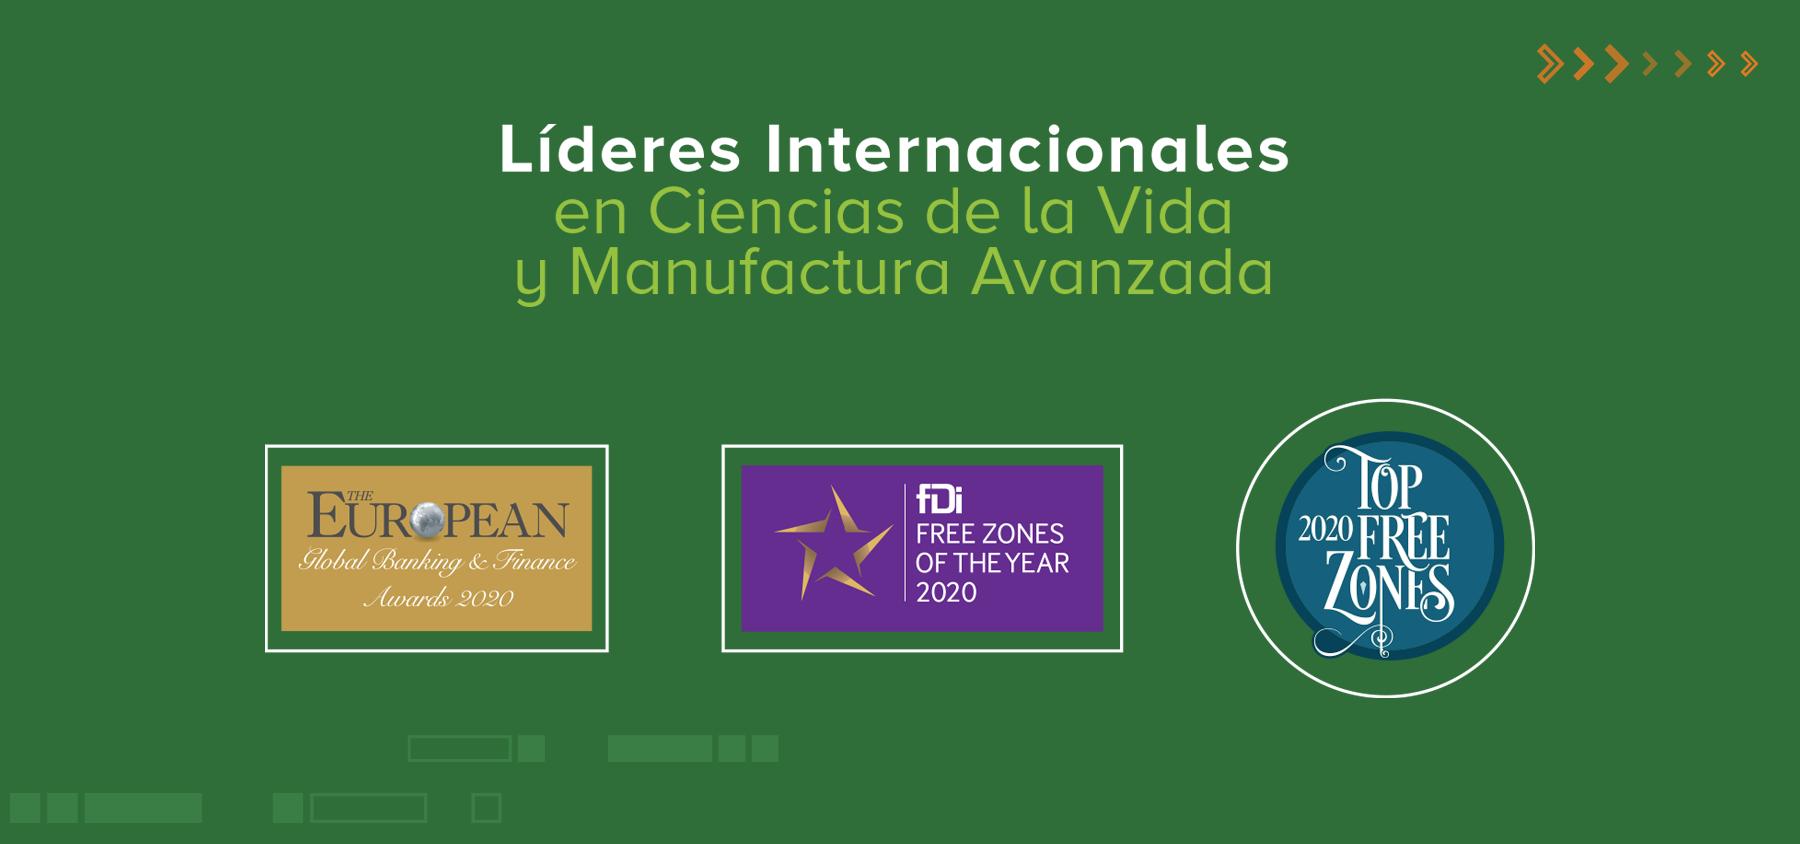 lideres-internacionales-en-ciencias-de-la-vida-y-manufactura-avanzada